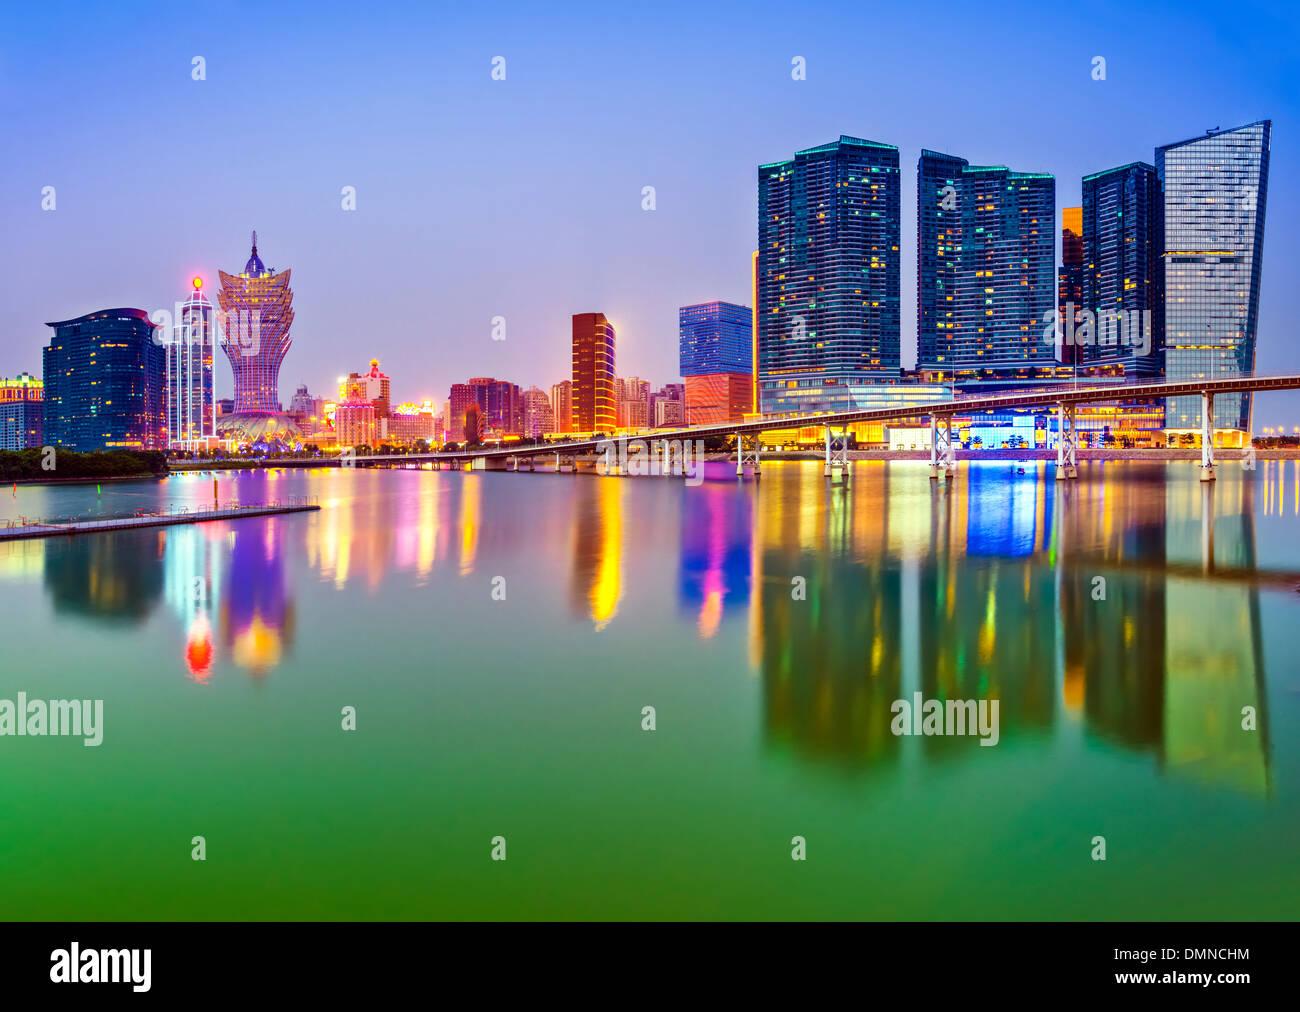 Macao, China skyline en los altos edificios de resorts con casino. Imagen De Stock